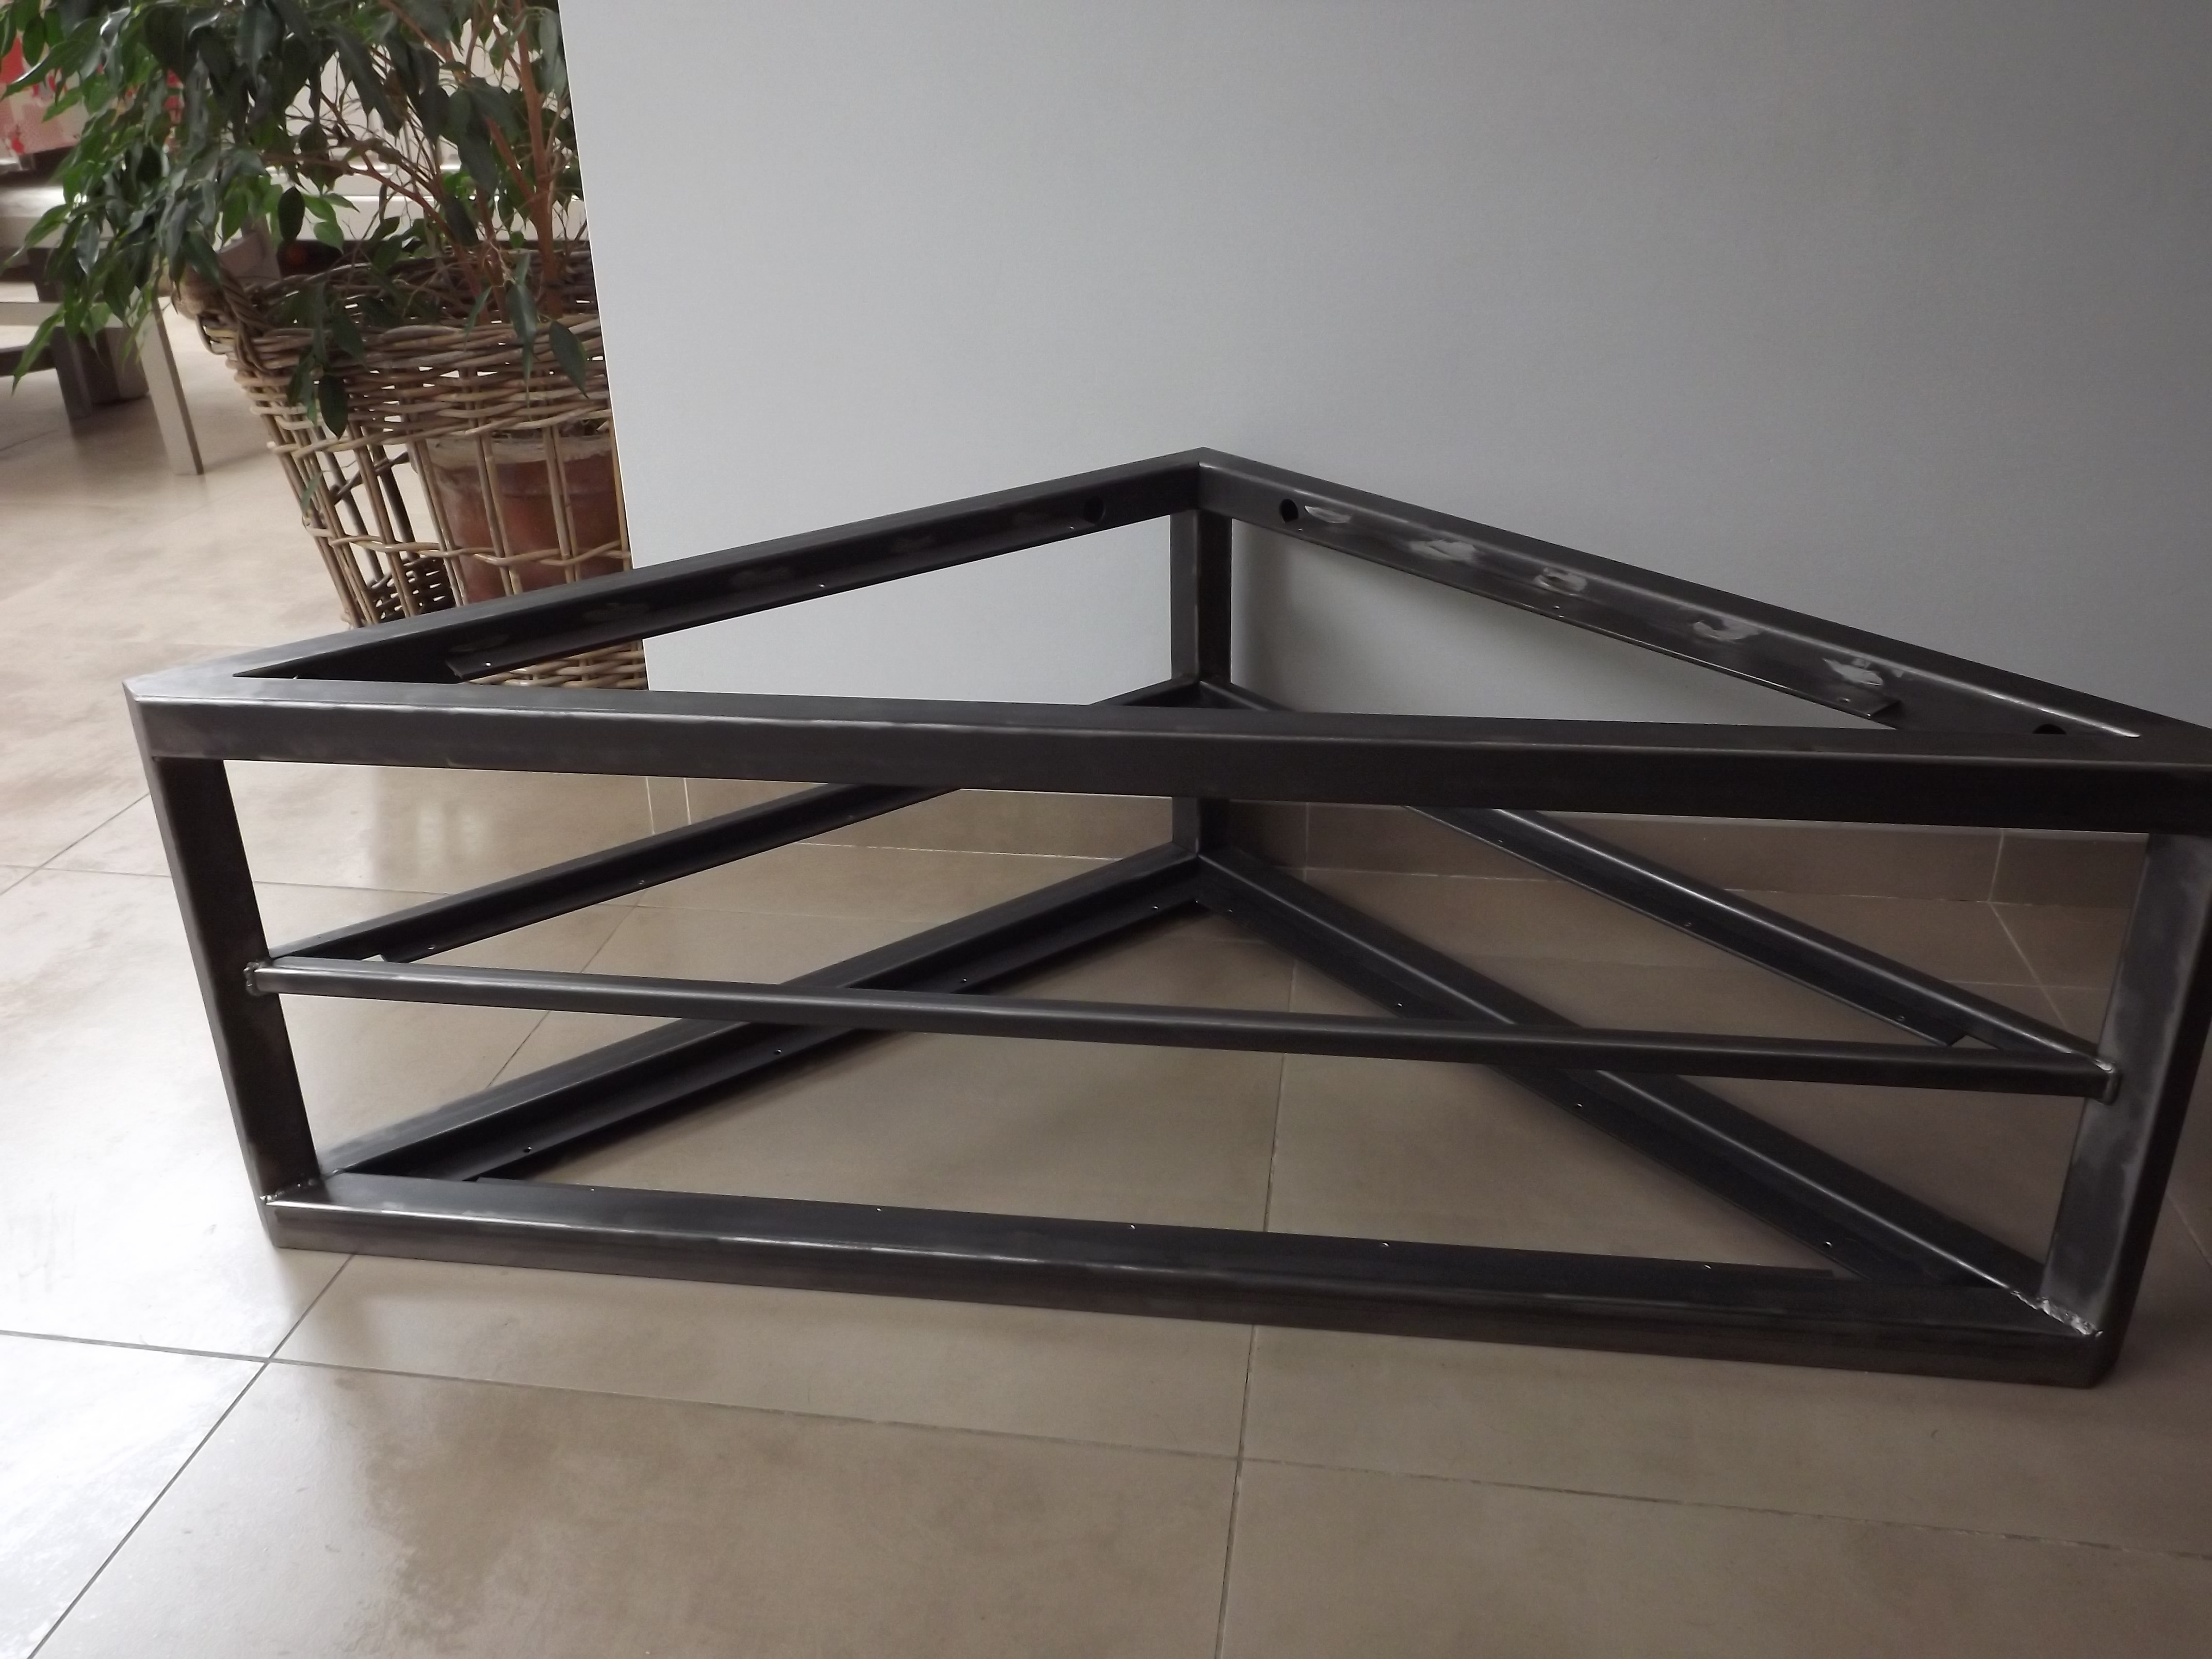 Meuble Tv Pour Coin structure métallique meuble tv - dcis design